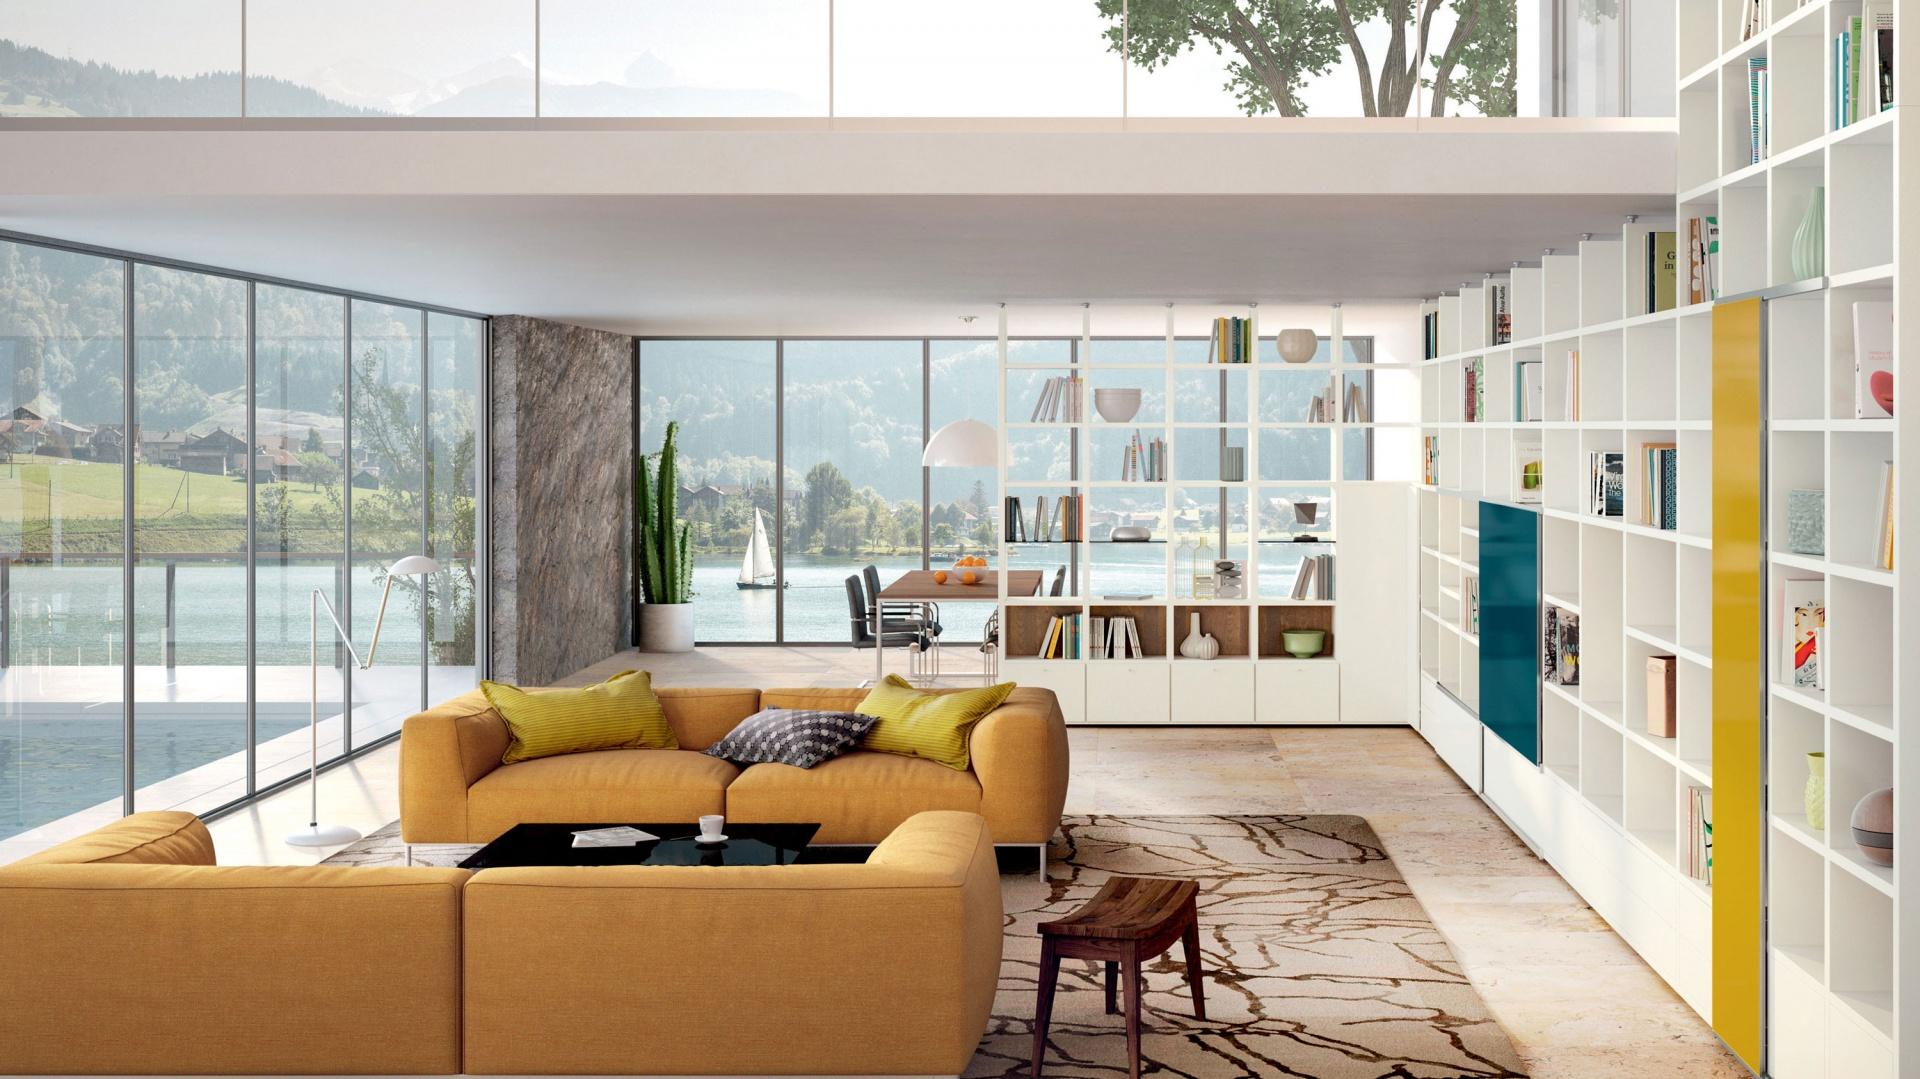 Urządzając domową bibliotekę, największe pole do popisu mamy na etapie projektowania domu.  Wtedy to możemy przeznaczyć na książki najwięcej miejsca i rozplanować ich umieszczenie w najbardziej ergonomiczny sposób. Fot. Hülsta.